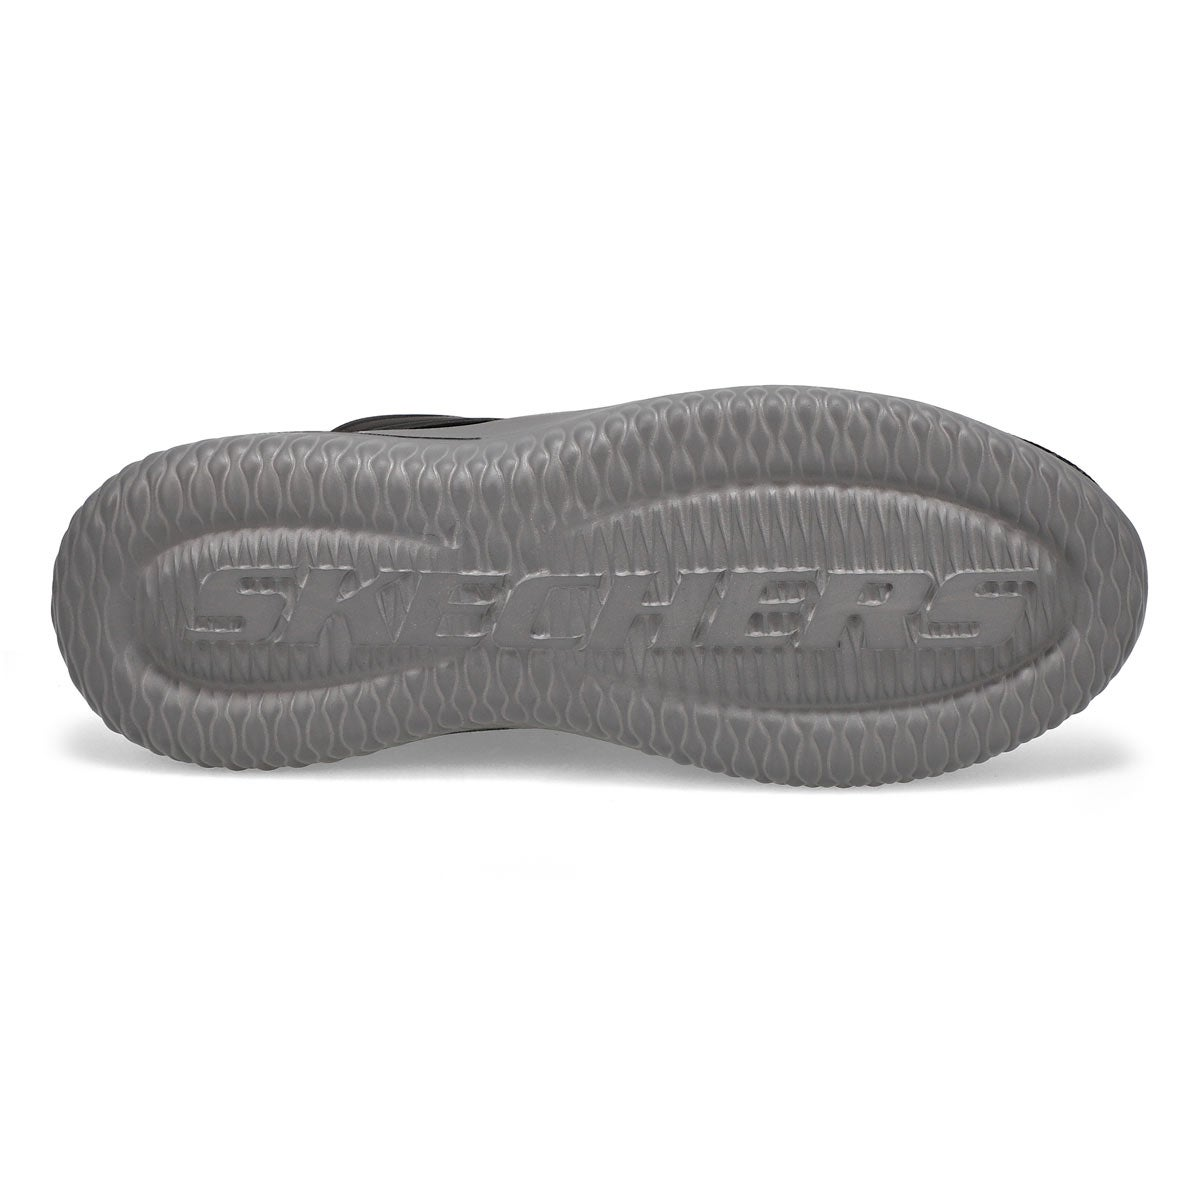 Flâneurs DELSON CAMBEN 3.0, noir/gris, hommes